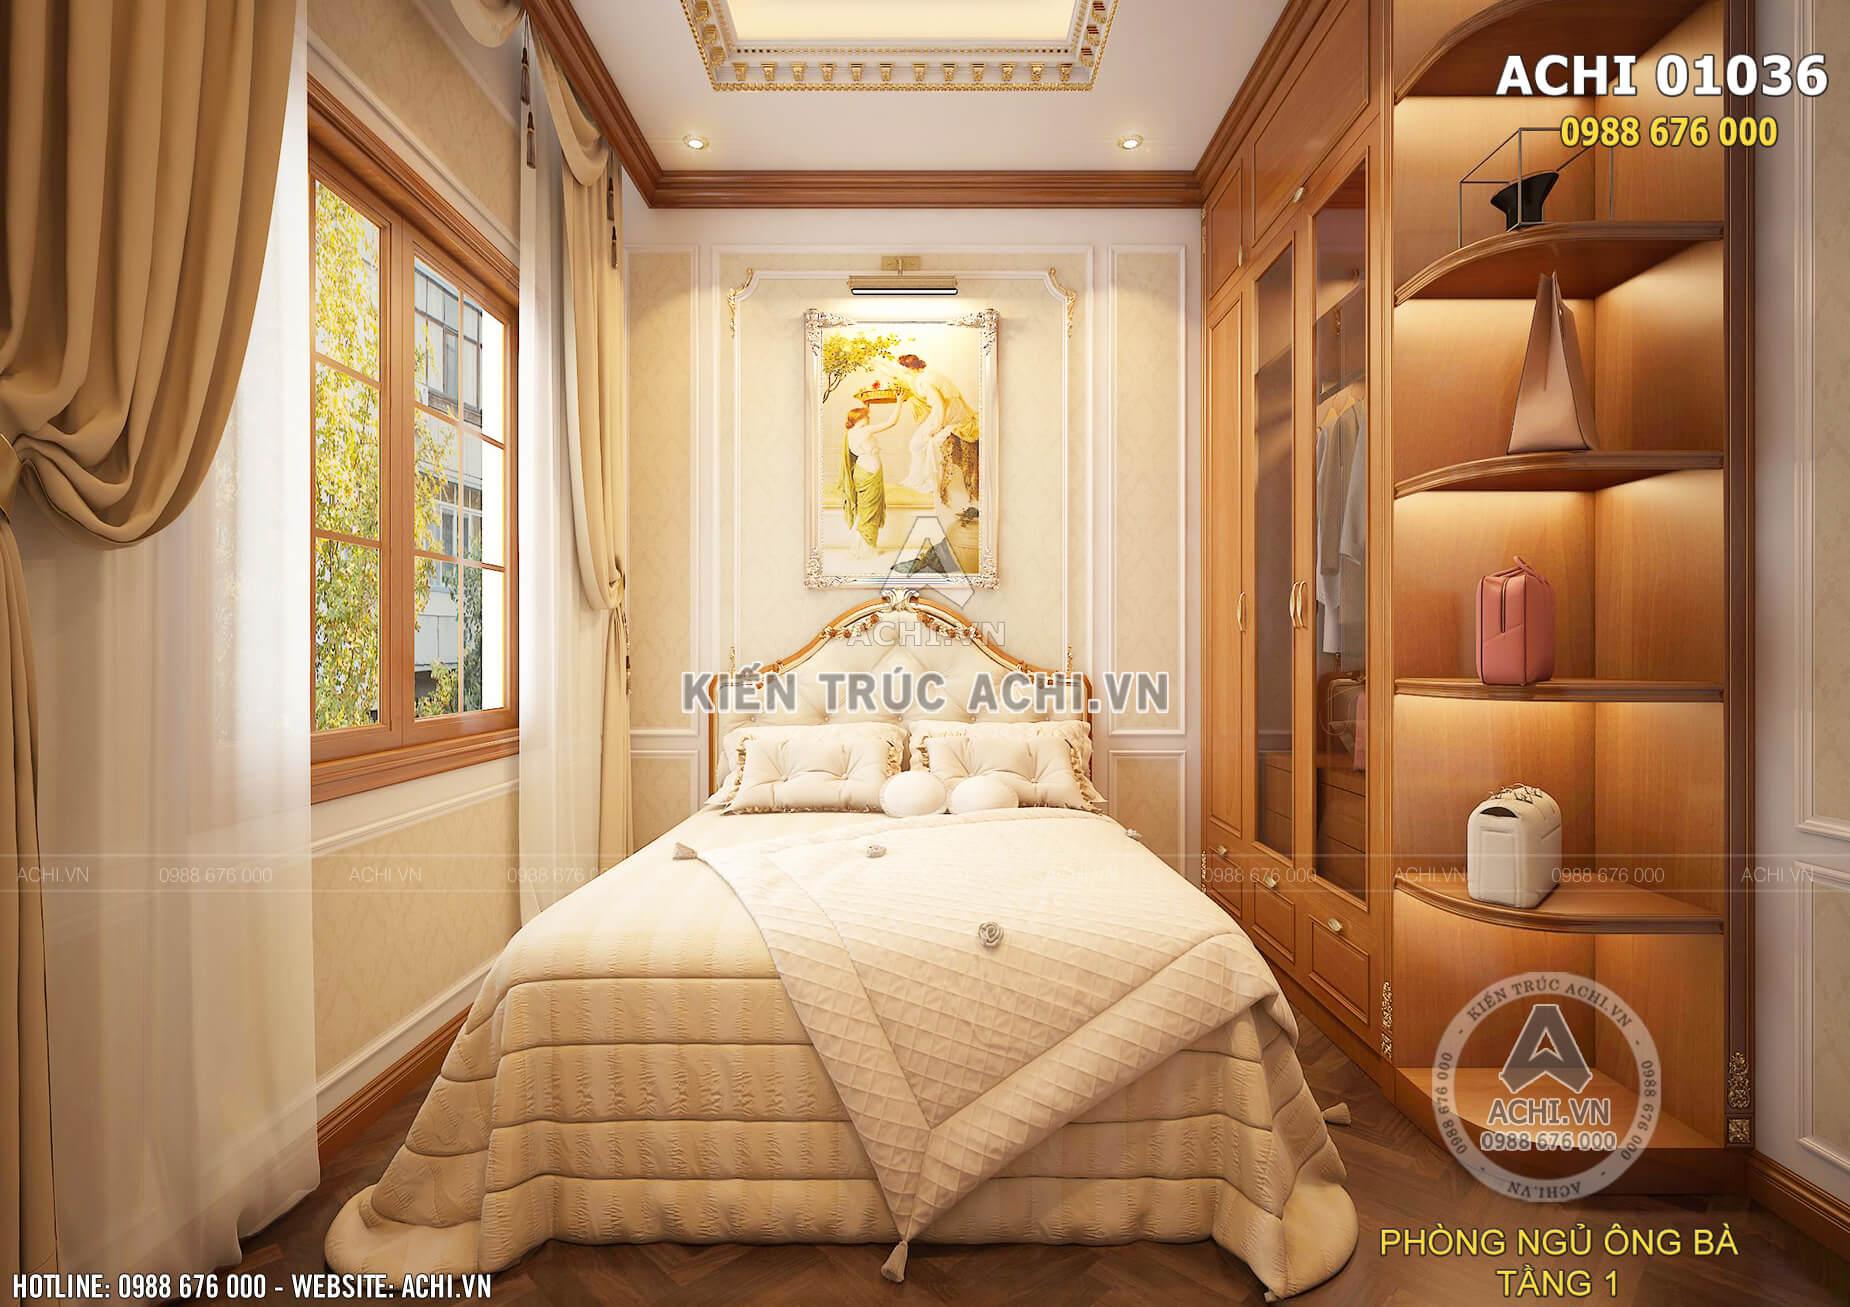 Nội thất phòng ngủ tân cổ điển trang nhã và ấm áp